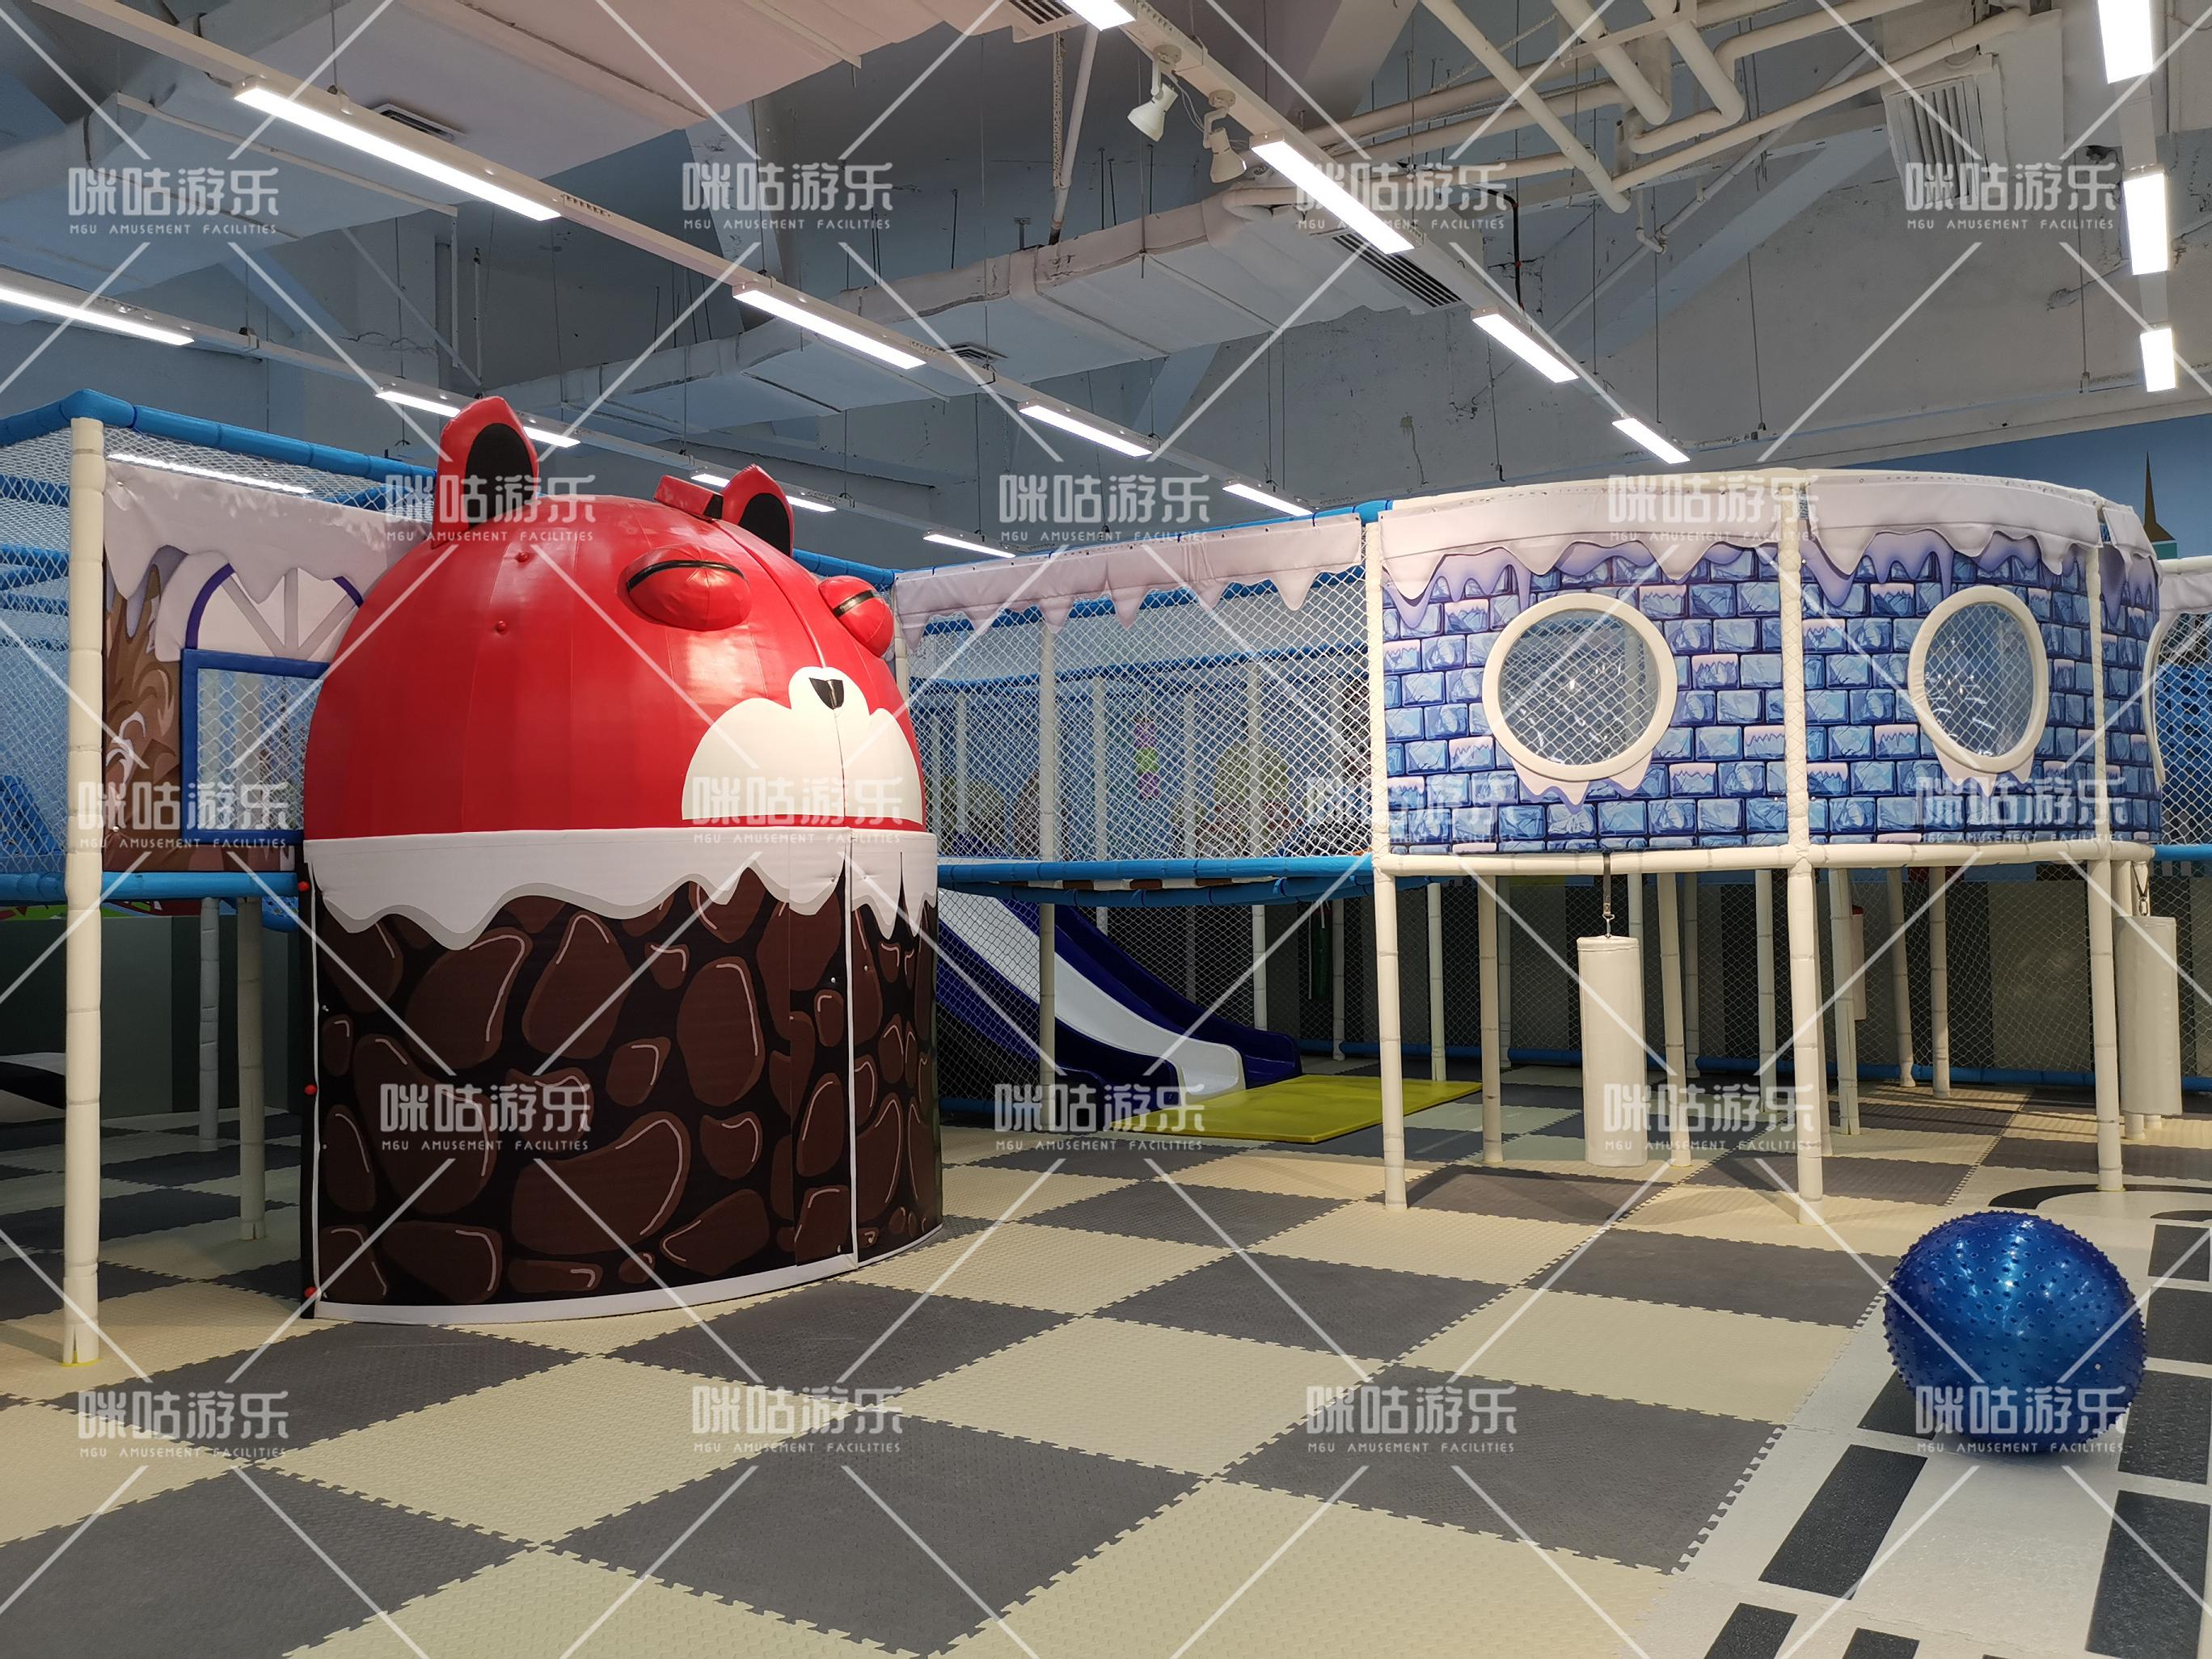 微信图片_20200429160038 - 副本 - 副本.jpg 甘肃儿童乐园设备厂家直销 加盟资讯 游乐设备第2张